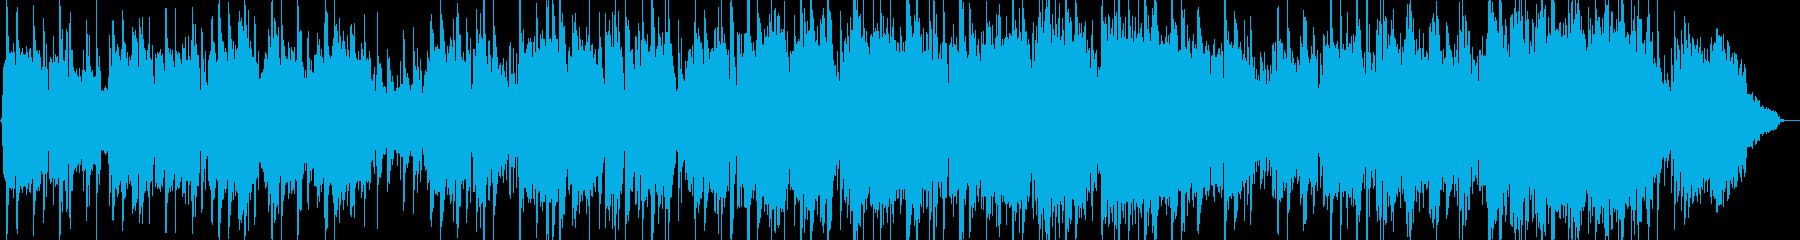 優しいリズムのヒーリング音楽の再生済みの波形